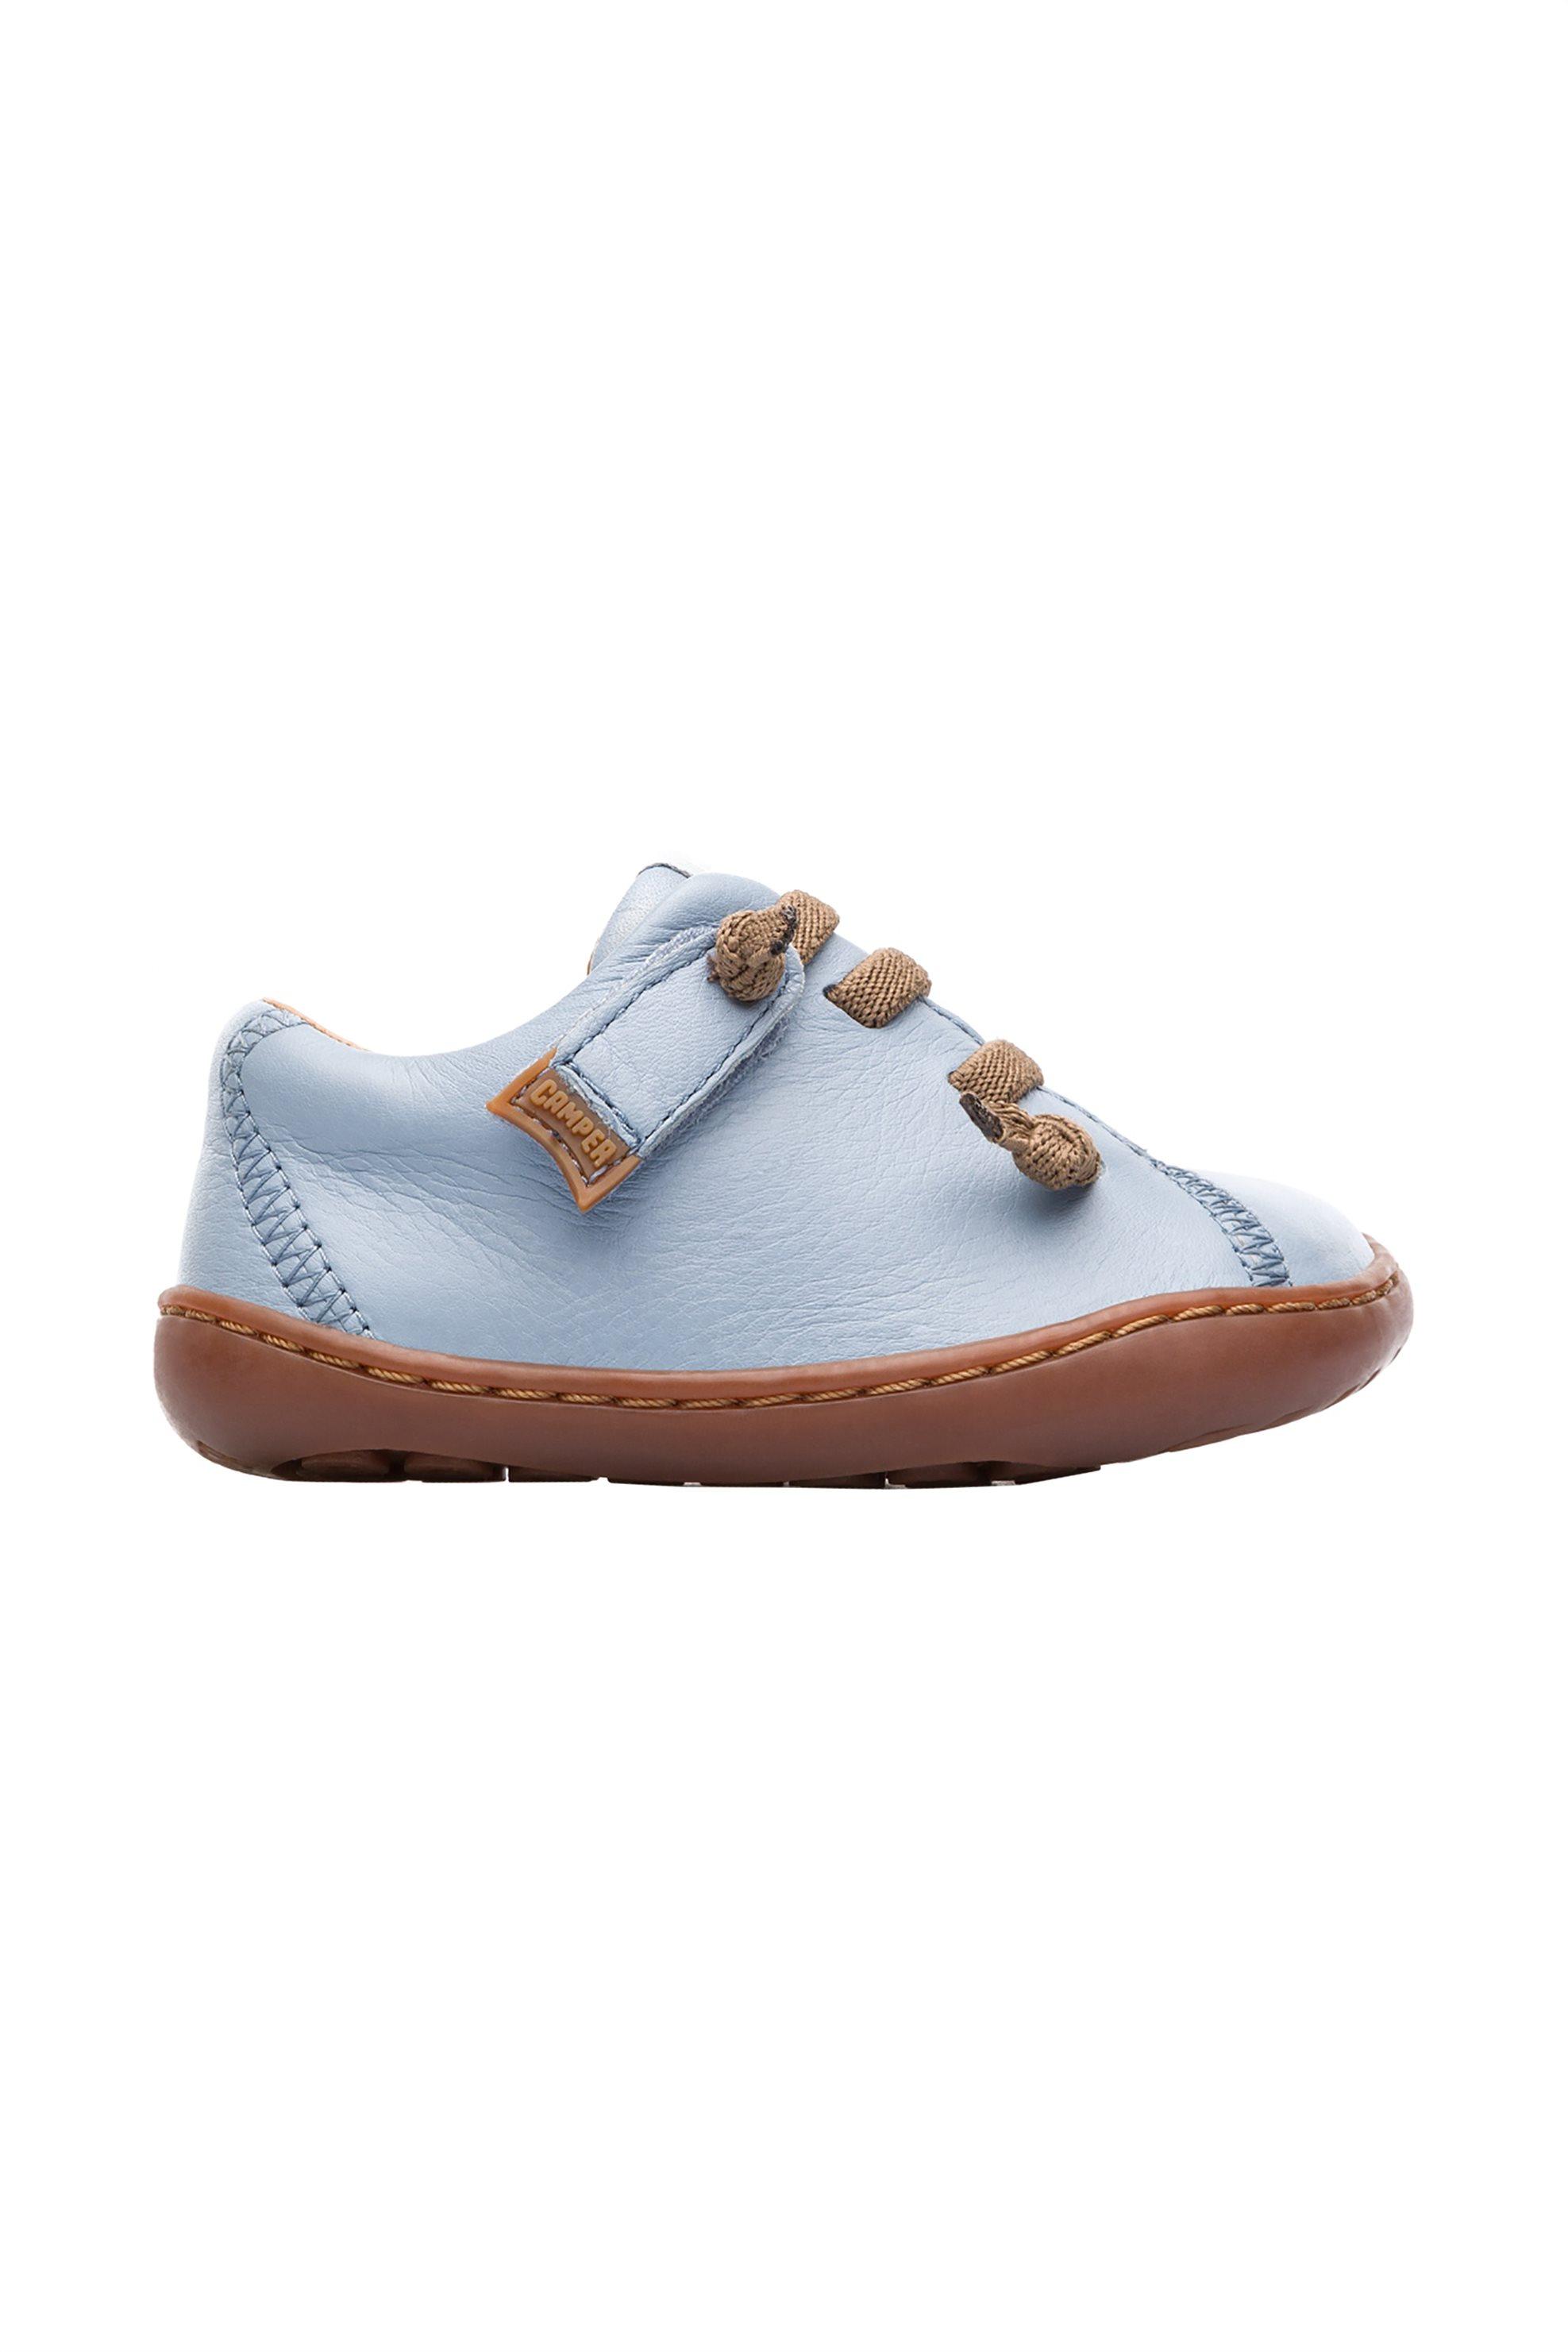 279e27e50a4 Notos Camper βρεφικά παπούτσια Peu – 80212-070 – Γαλάζιο